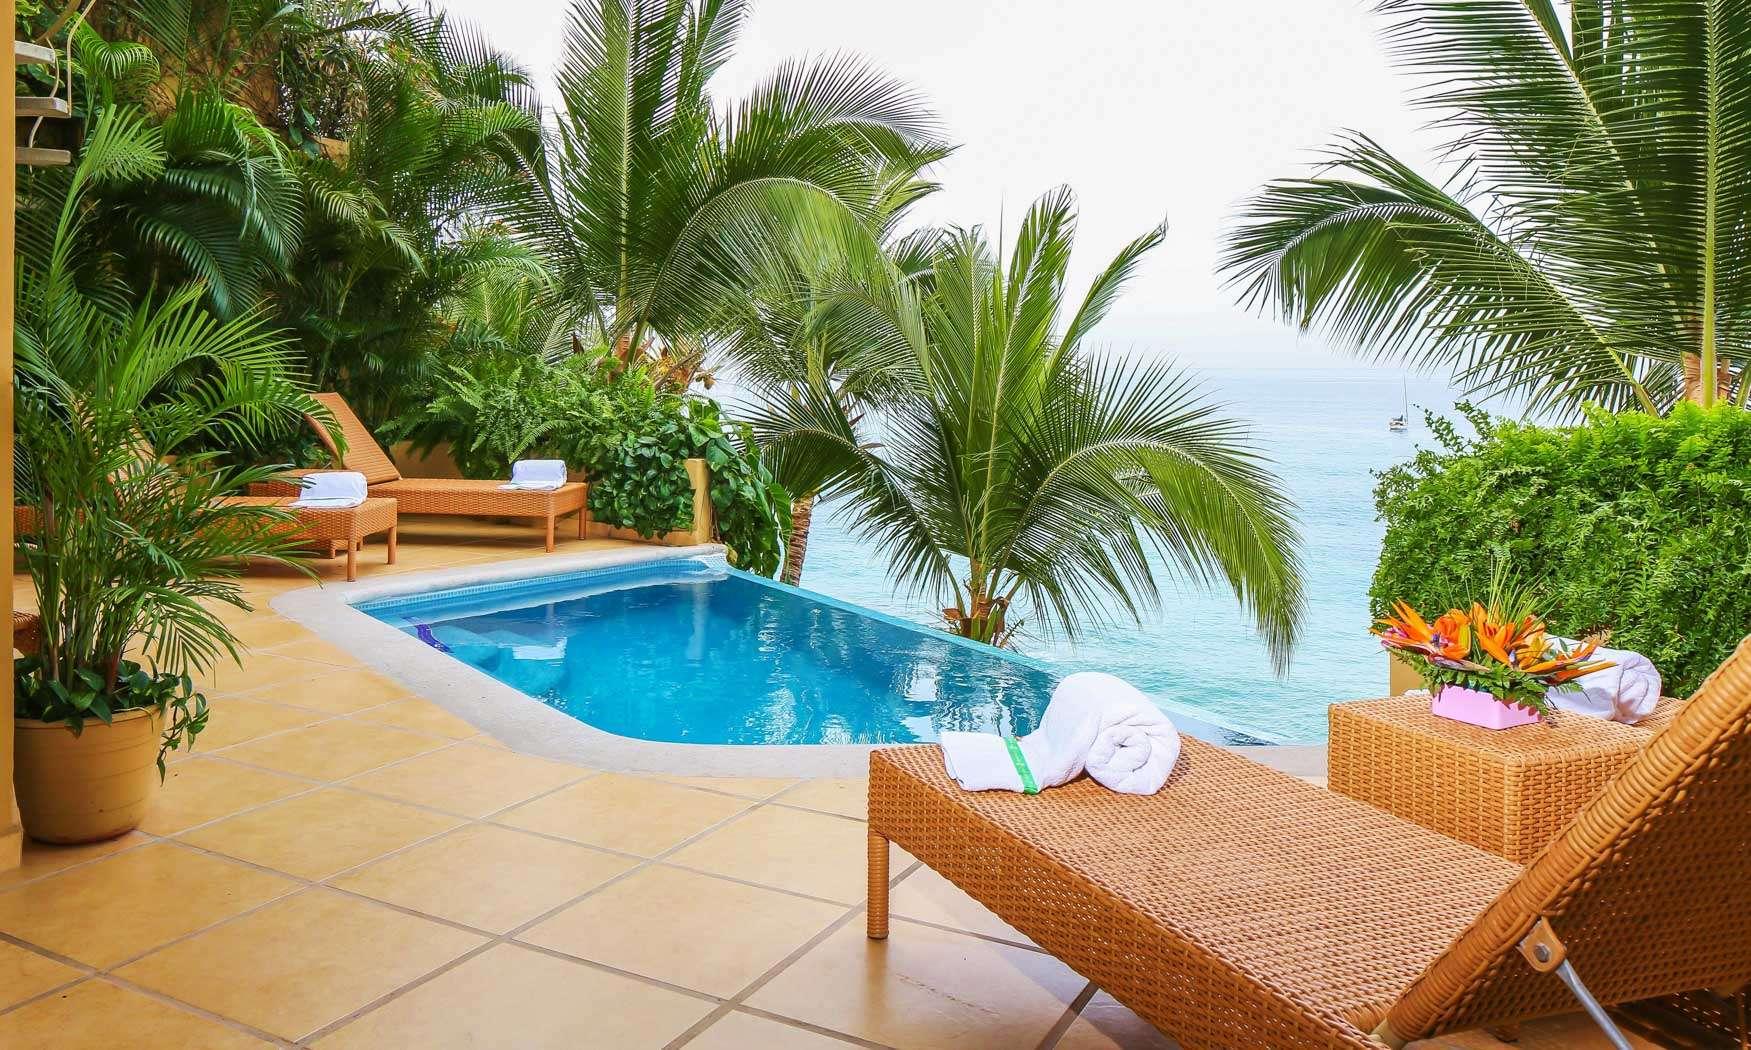 - Villa Alegre | Puerto Vallarta Beach Club - Image 1/11